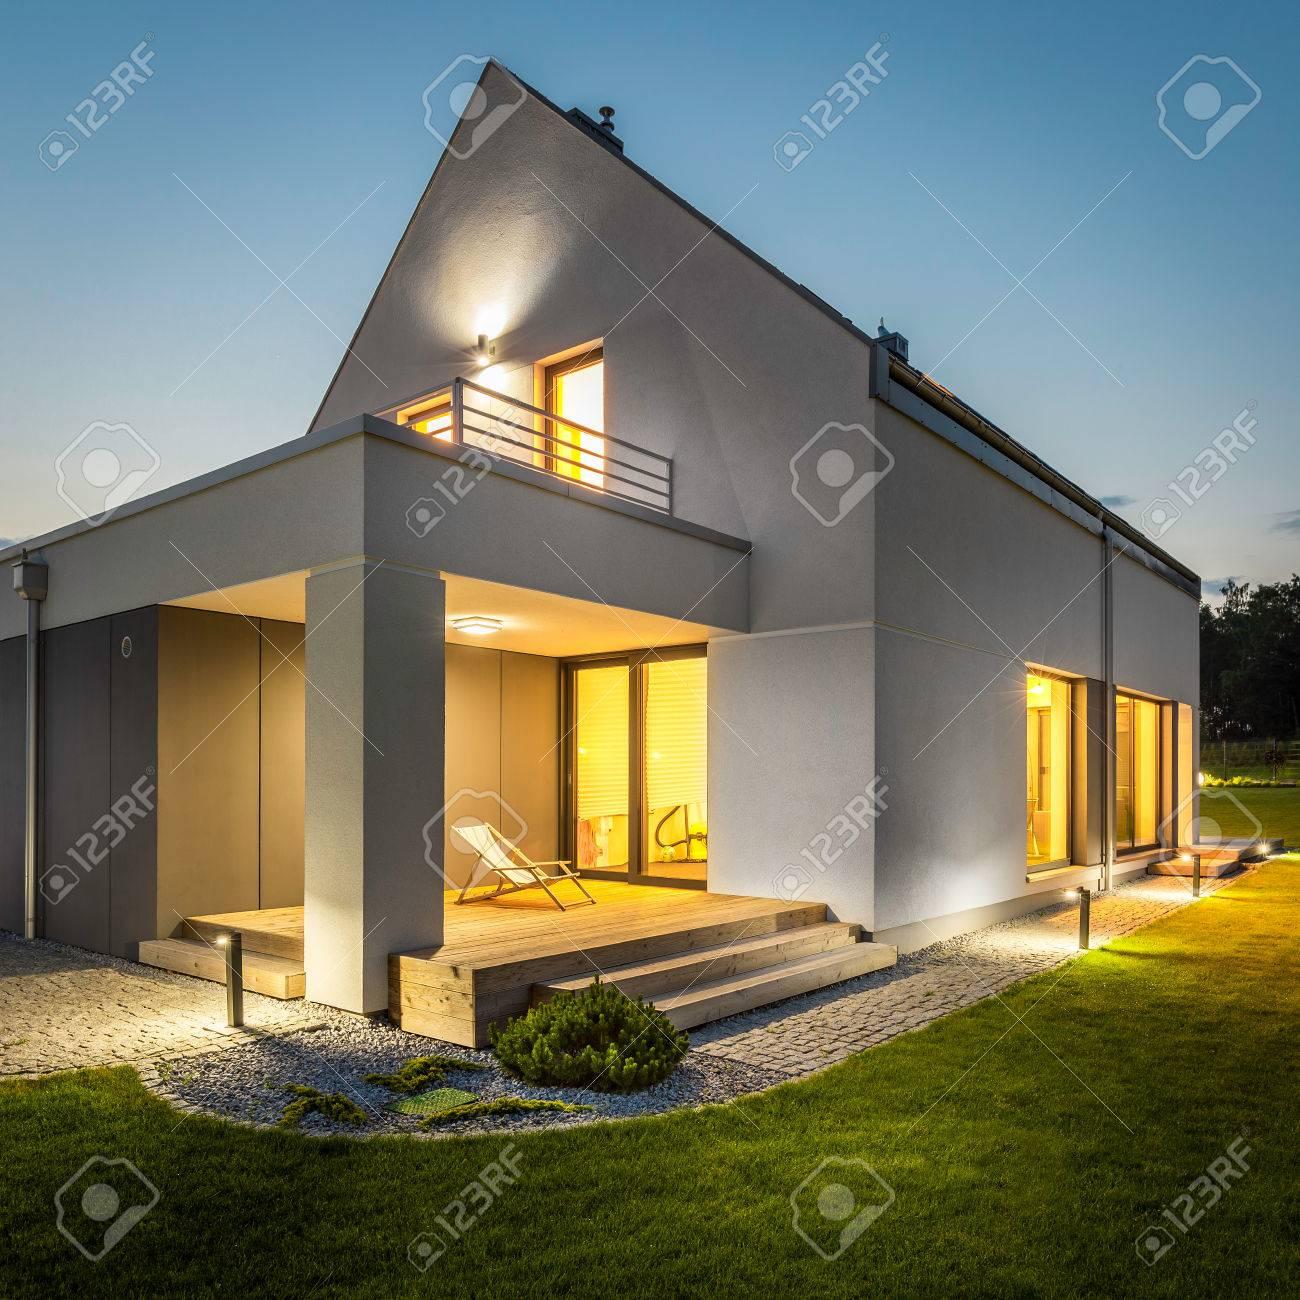 eclairage exterieur facade maison Nuit Vue Extérieure D Une Maison Contemporaine Avec éclairage Extérieur